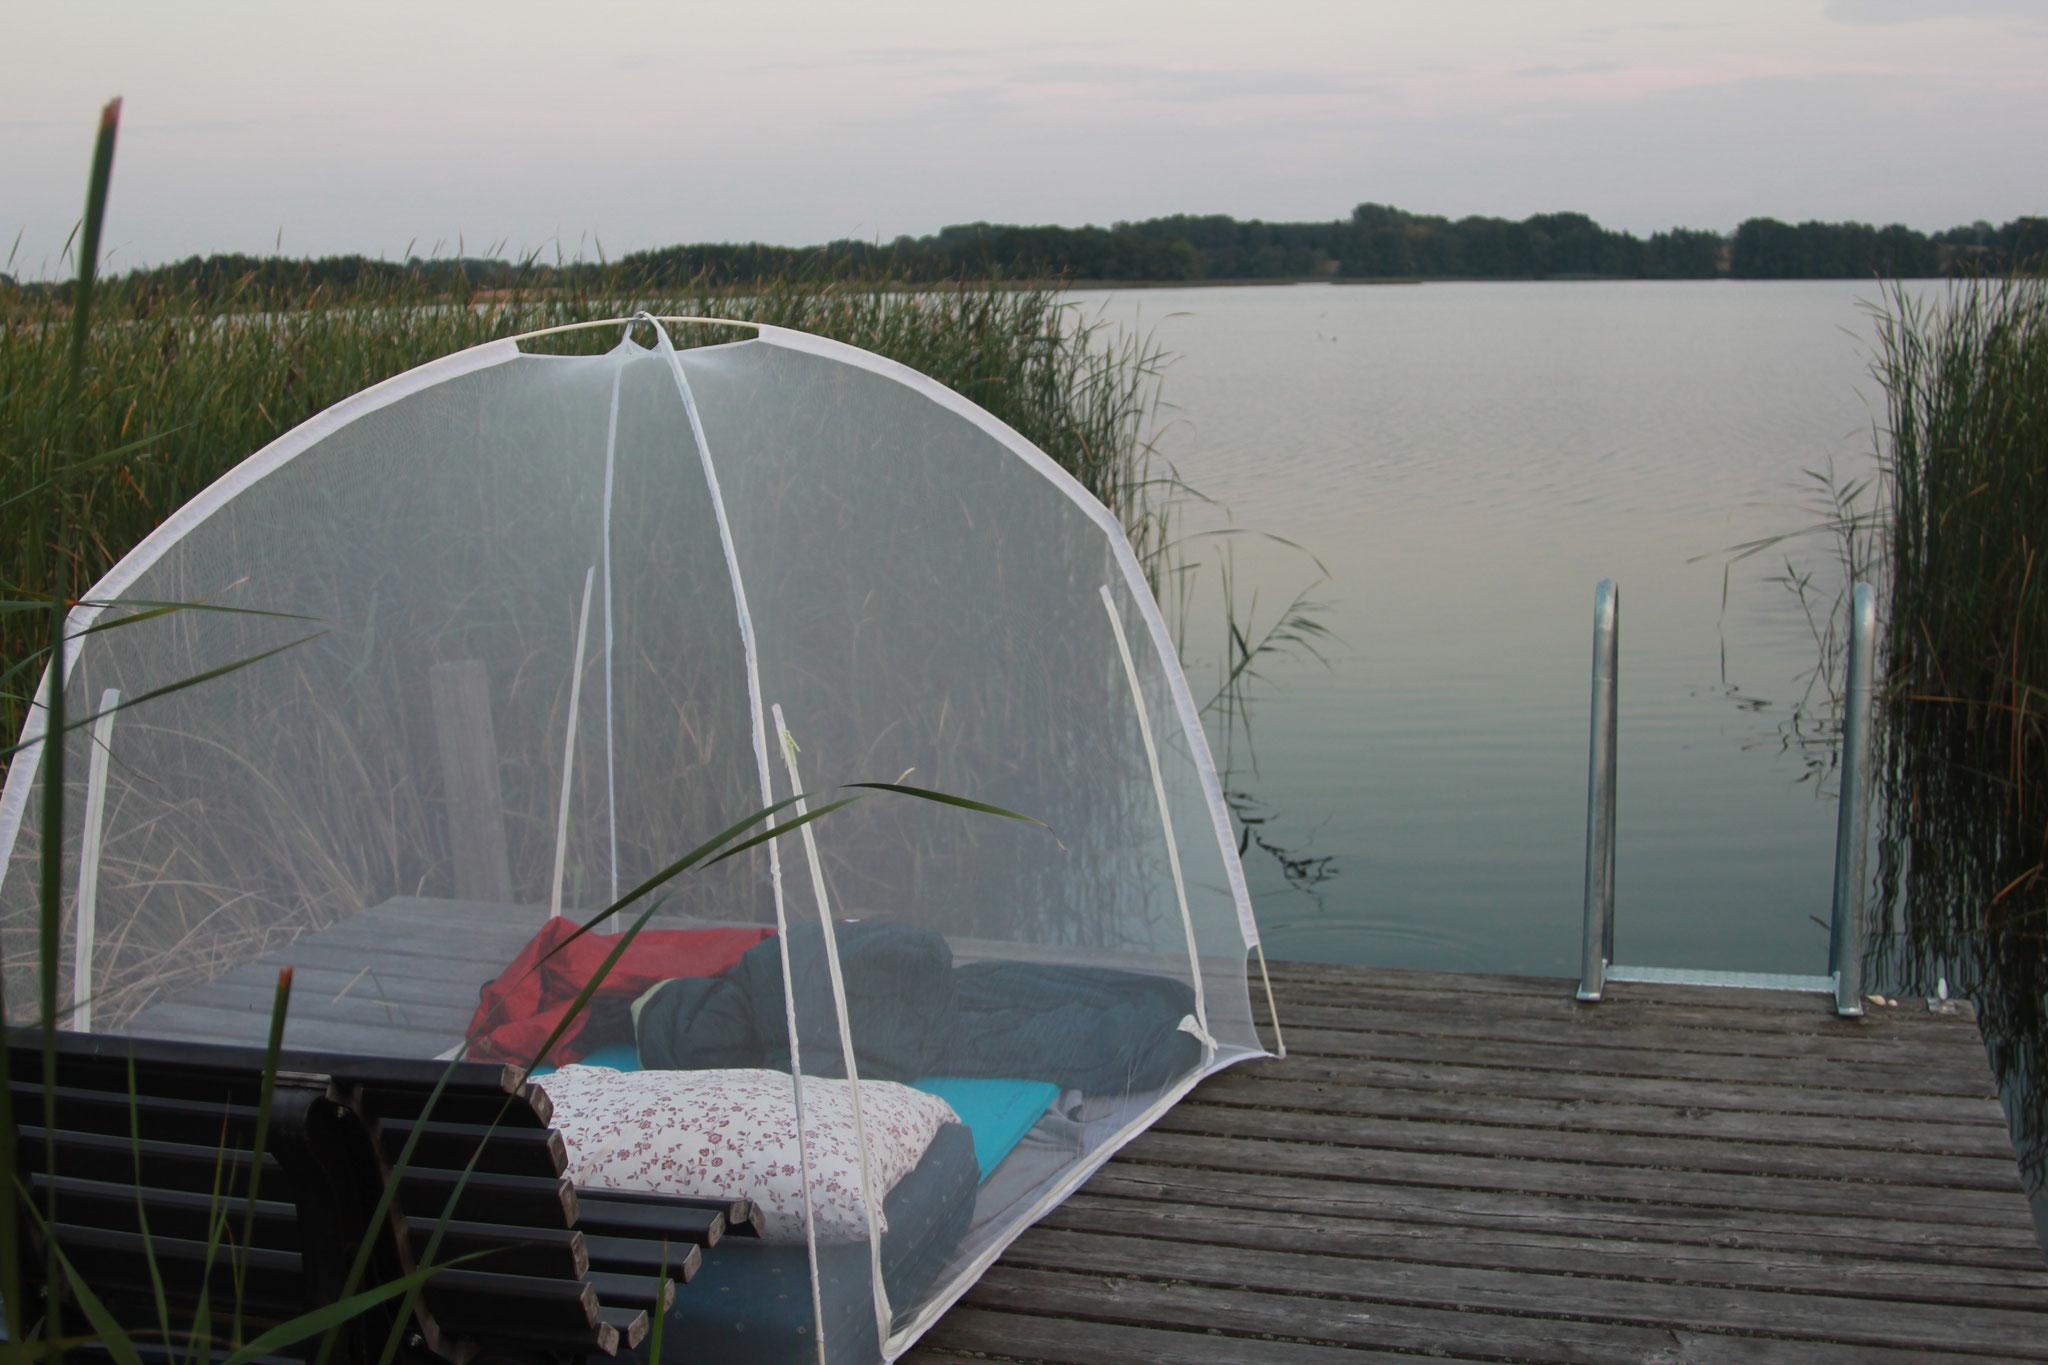 Zelten auf dem Bootssteg